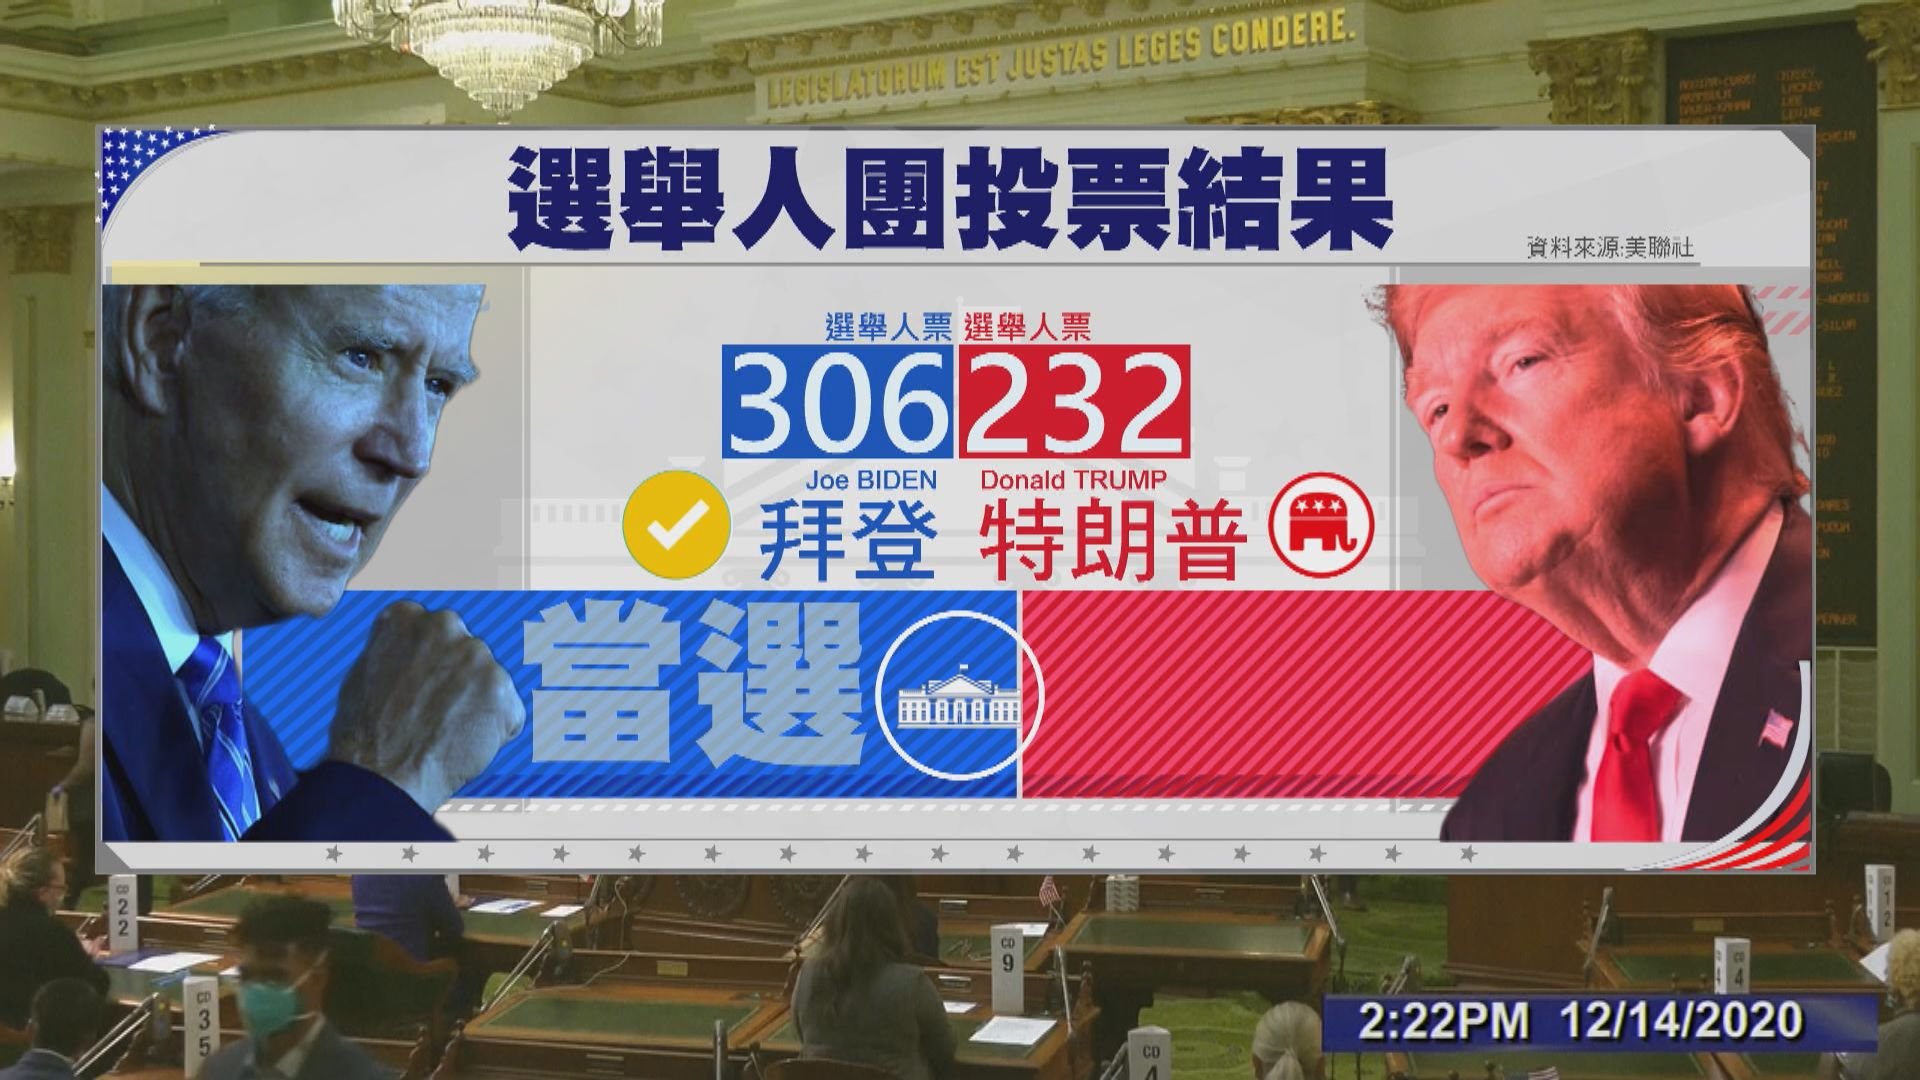 拜登獲逾300張選舉人票當選總統 籲特朗普接受結果